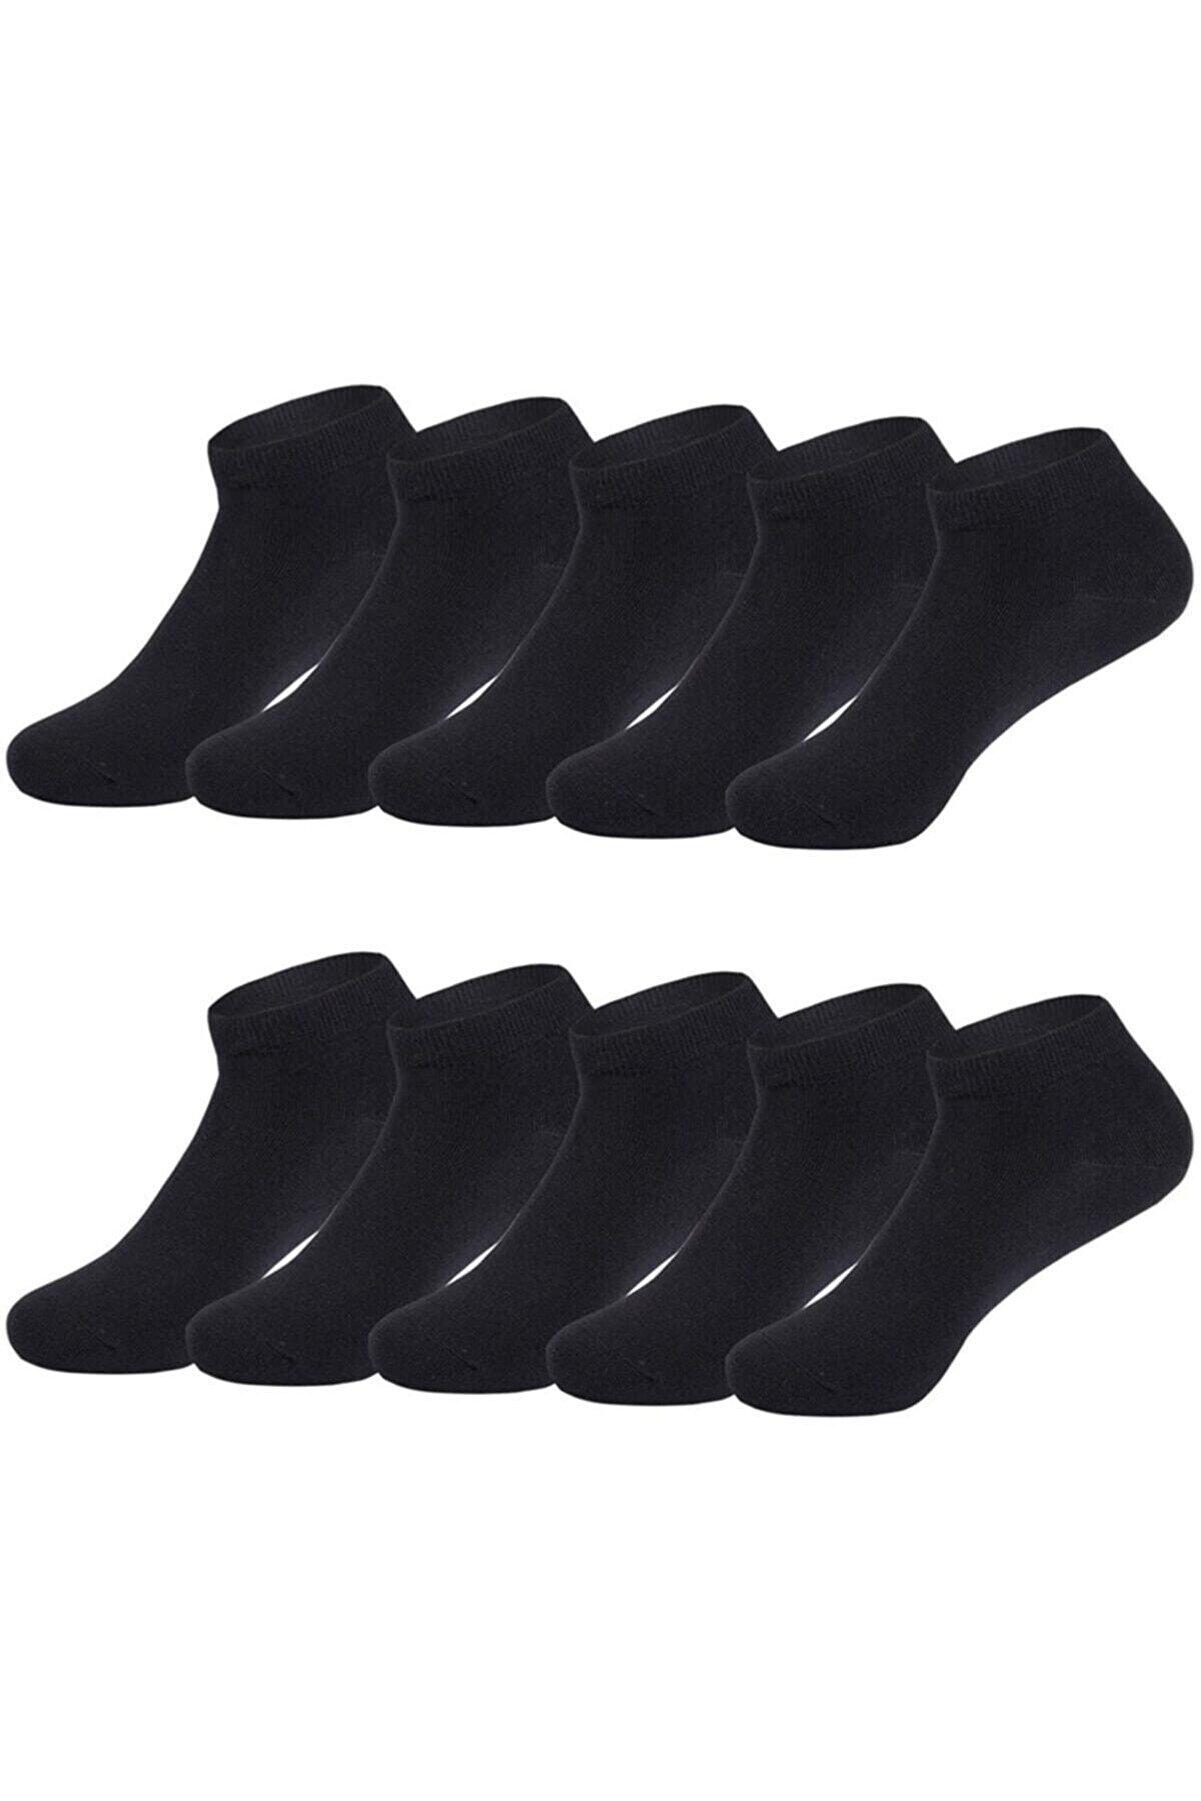 SOCKSHION Siyah Pamuklu Bilek Boy Çorap 10lu